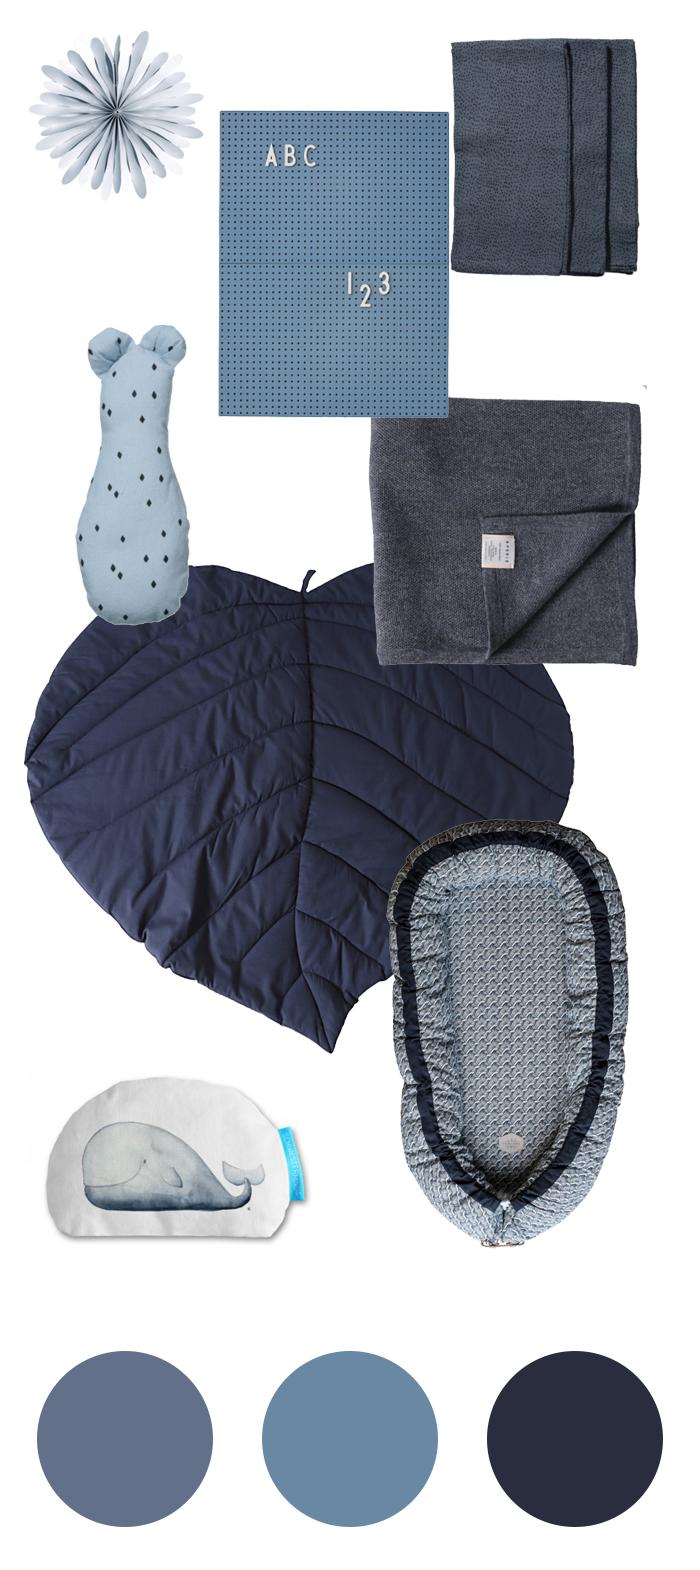 welche farbe passt zu blau excellent bedeutung der farben fr das branding with welche farbe. Black Bedroom Furniture Sets. Home Design Ideas